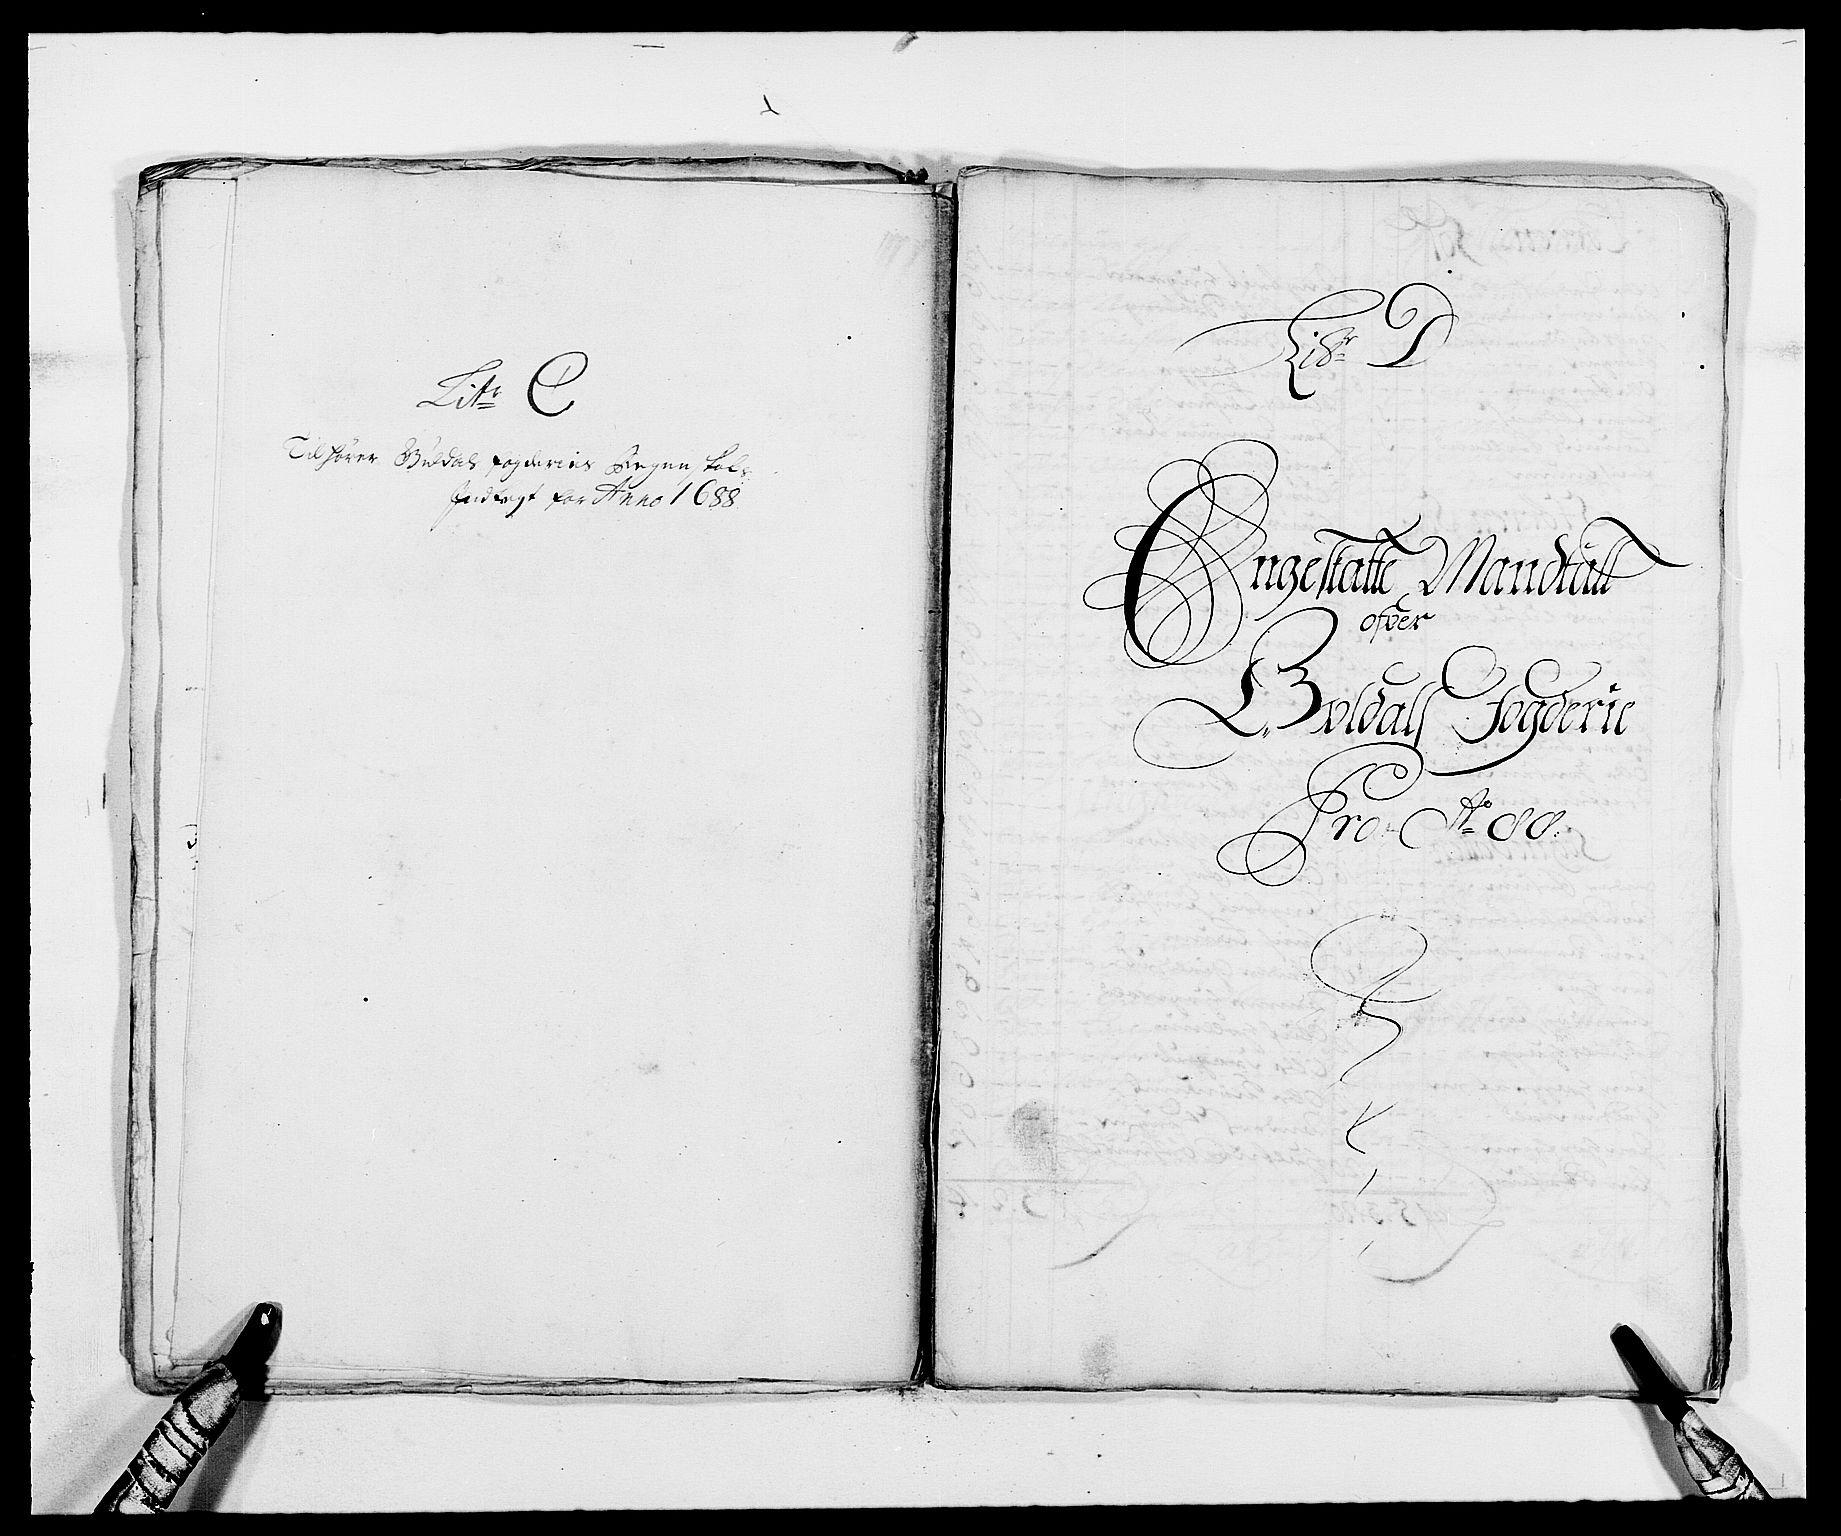 RA, Rentekammeret inntil 1814, Reviderte regnskaper, Fogderegnskap, R59/L3939: Fogderegnskap Gauldal, 1687-1688, s. 199